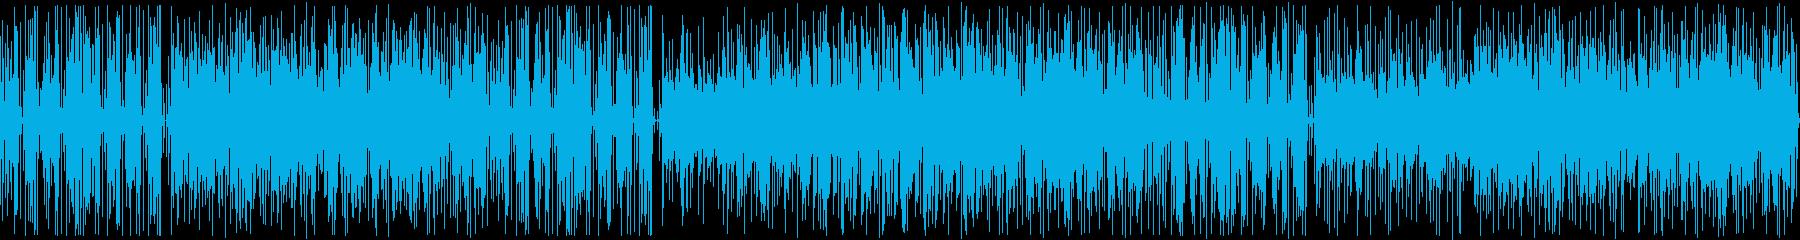 夏を感じるラテン風エレクトロゲームBGMの再生済みの波形